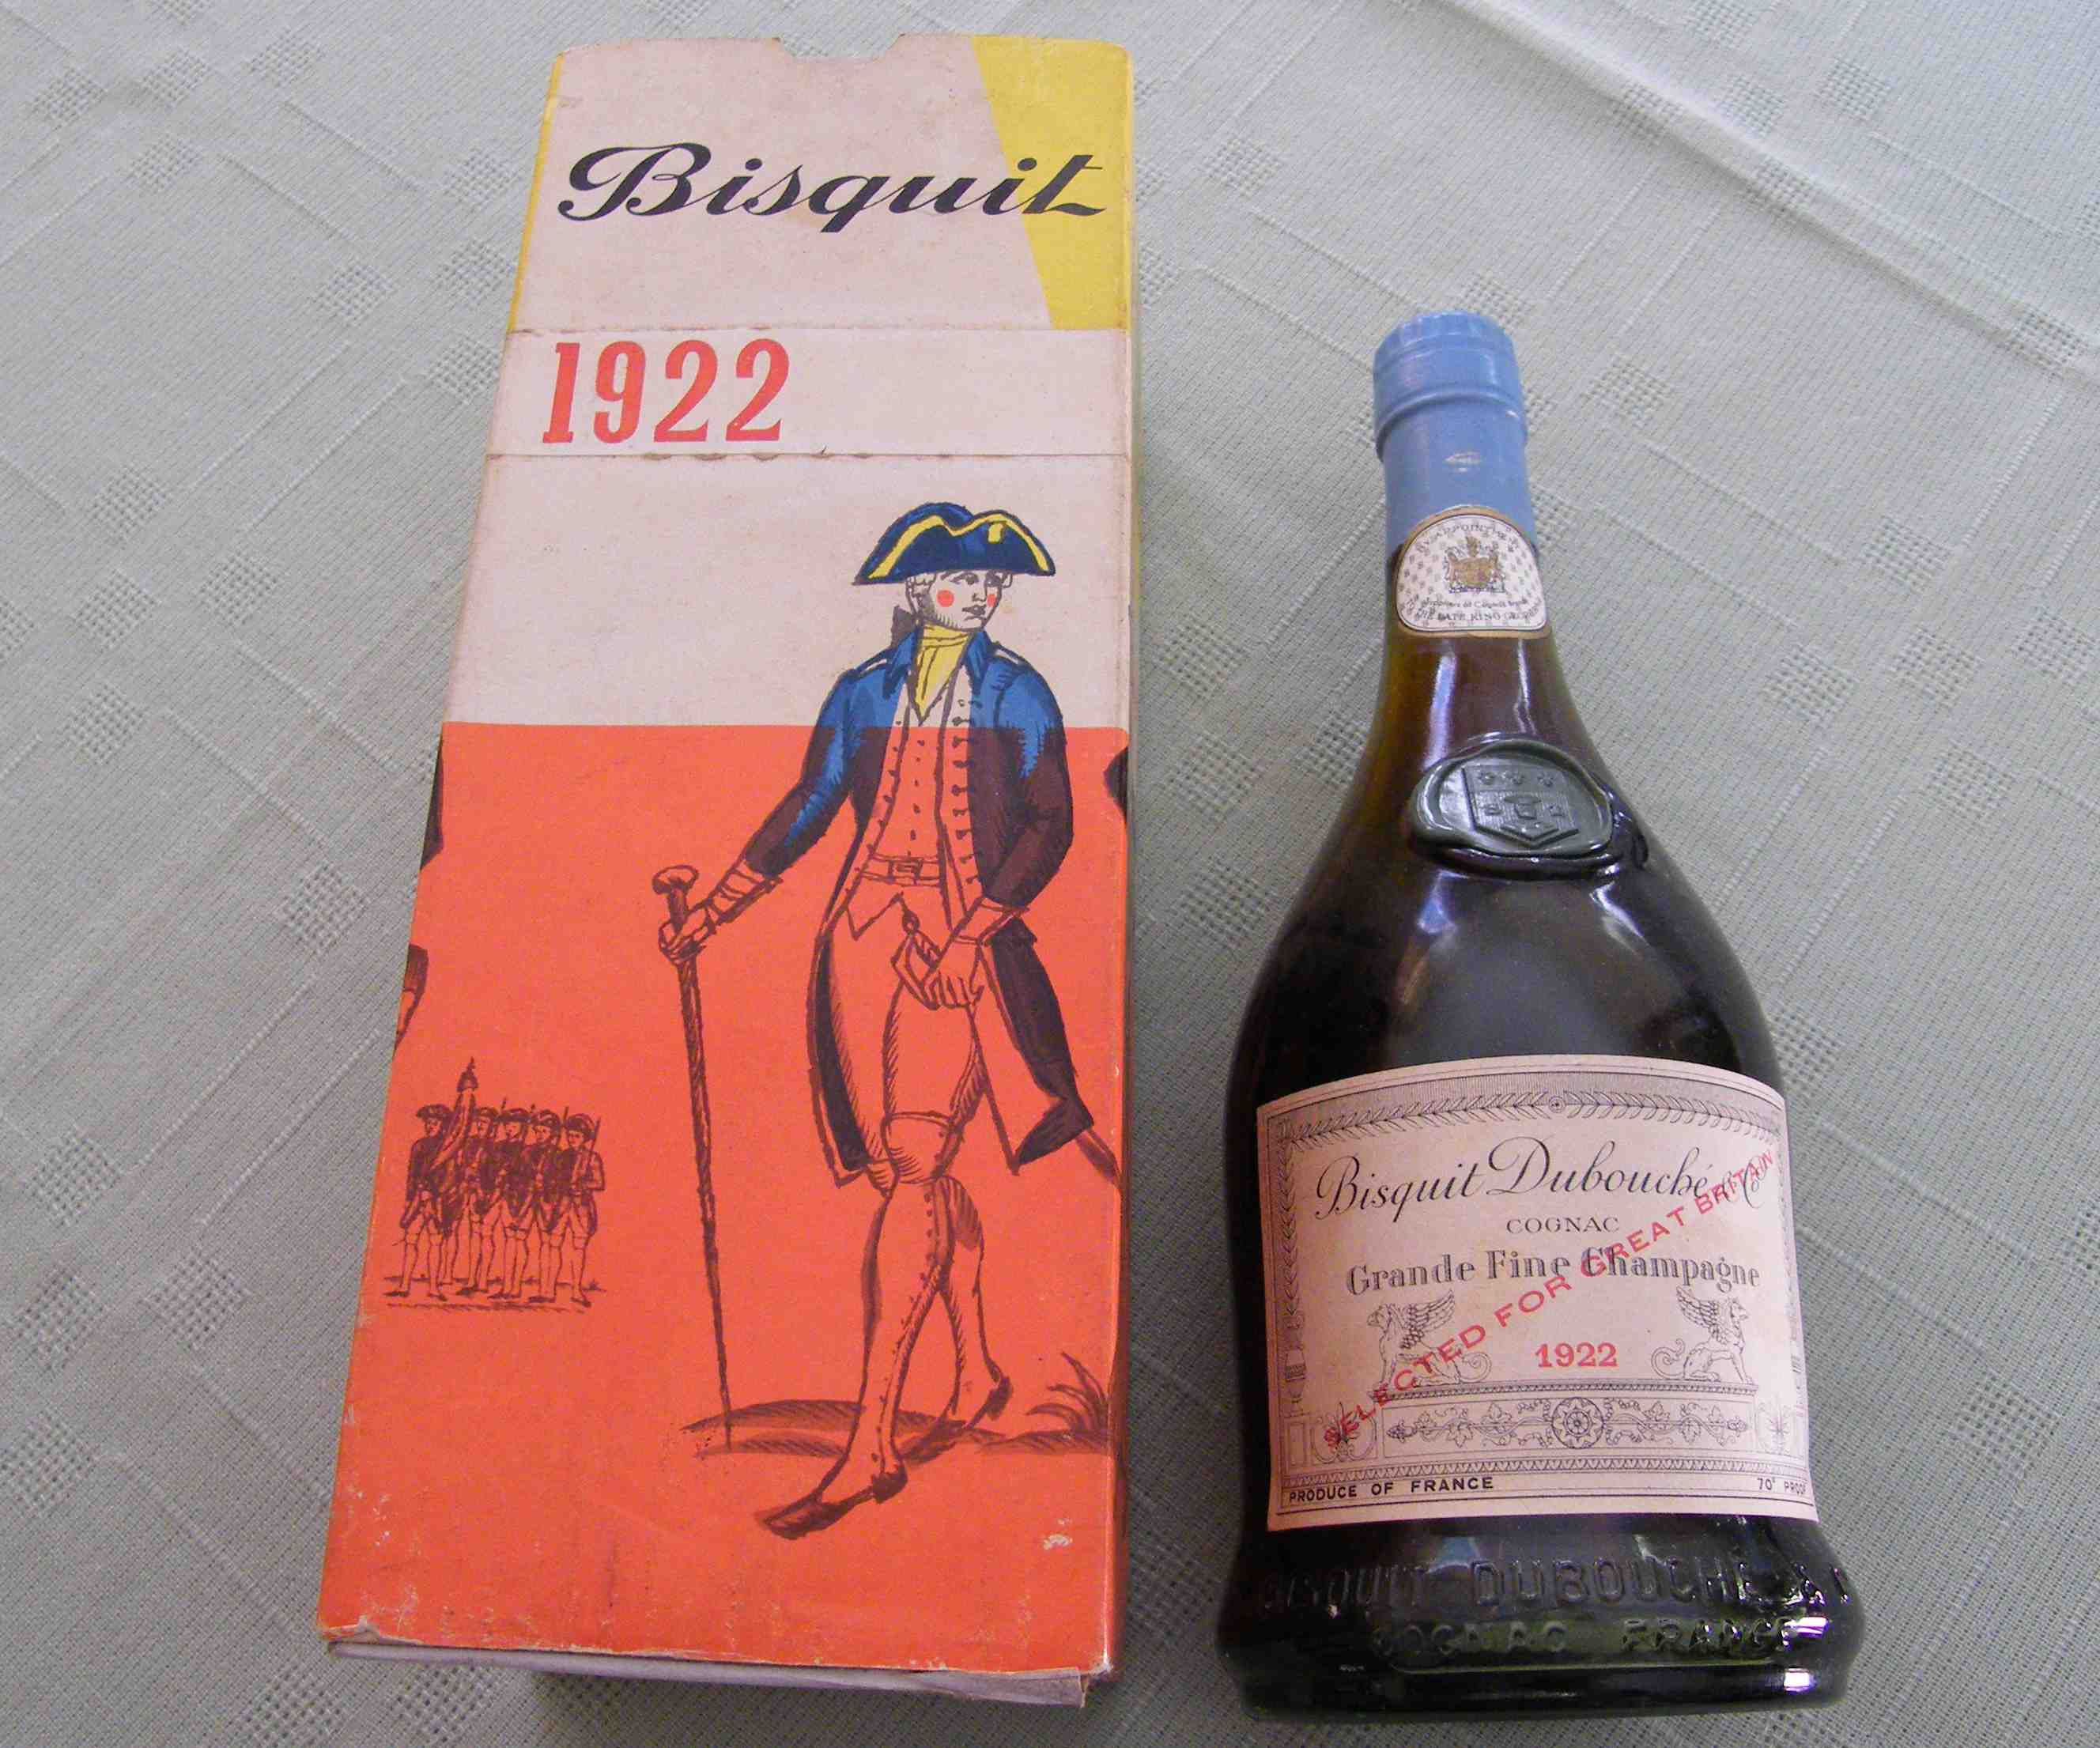 Bisquit Debouché Cognac 1922